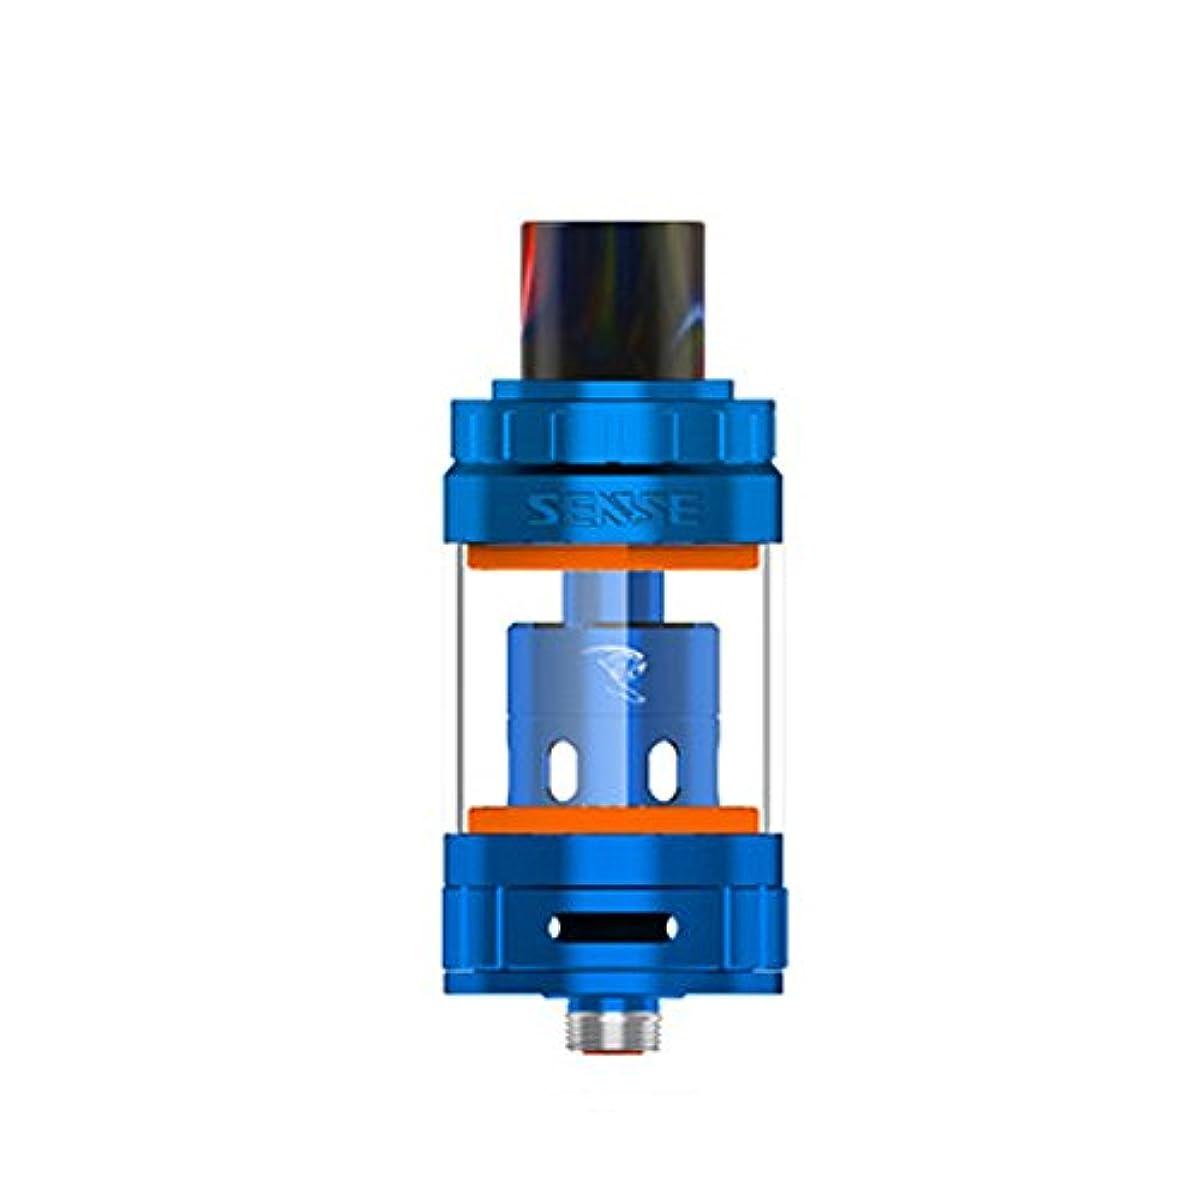 サービステザー委任するSense Herakles III 24 tank センス 三代 タンク 電子タバコ アトマイザー Sense Arrow kit対応(ブルー)